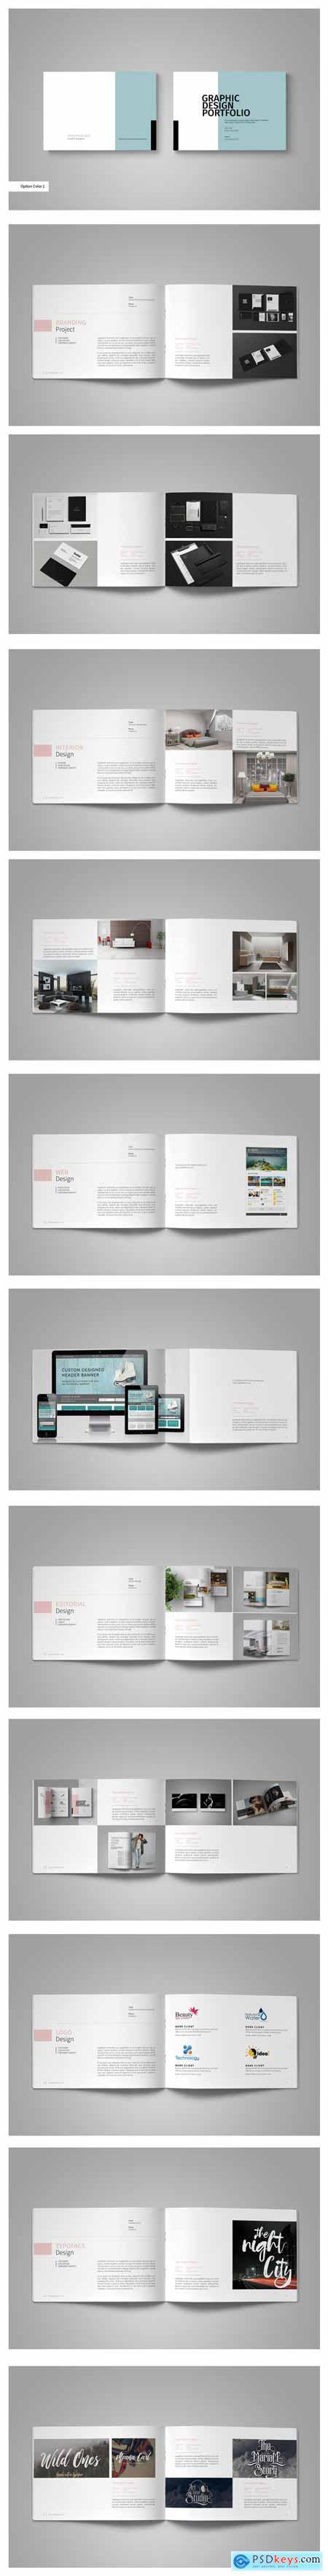 Graphic Design Portfolio Template 2744648